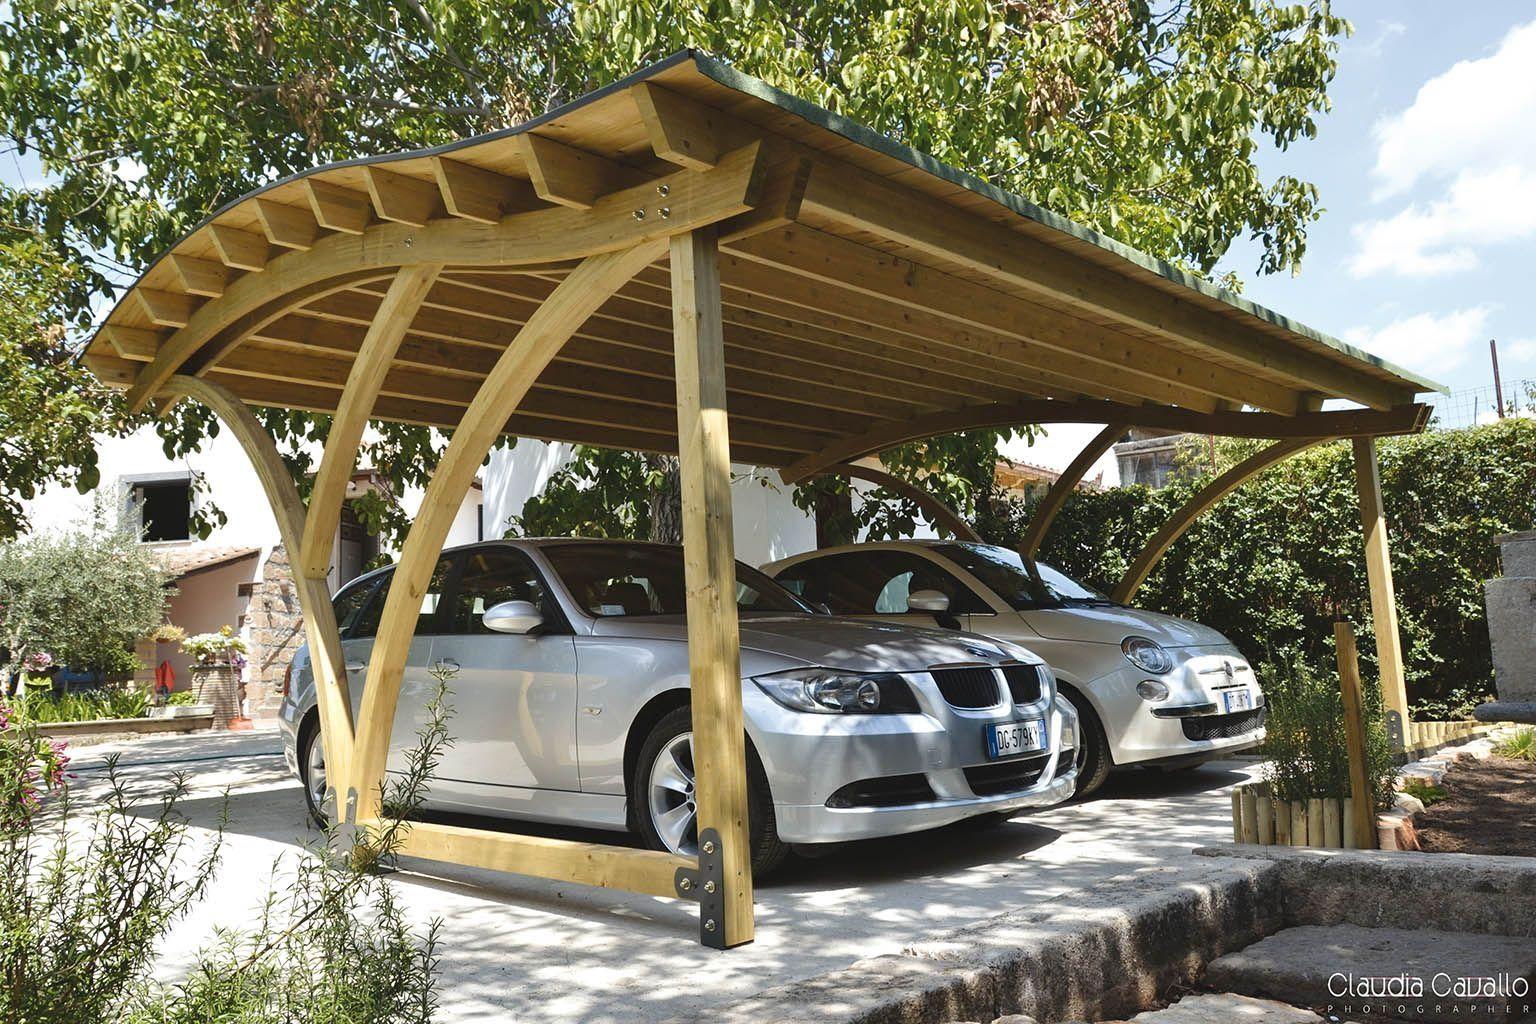 Wood Carports Qld Carport Designs Wooden Carports Carport